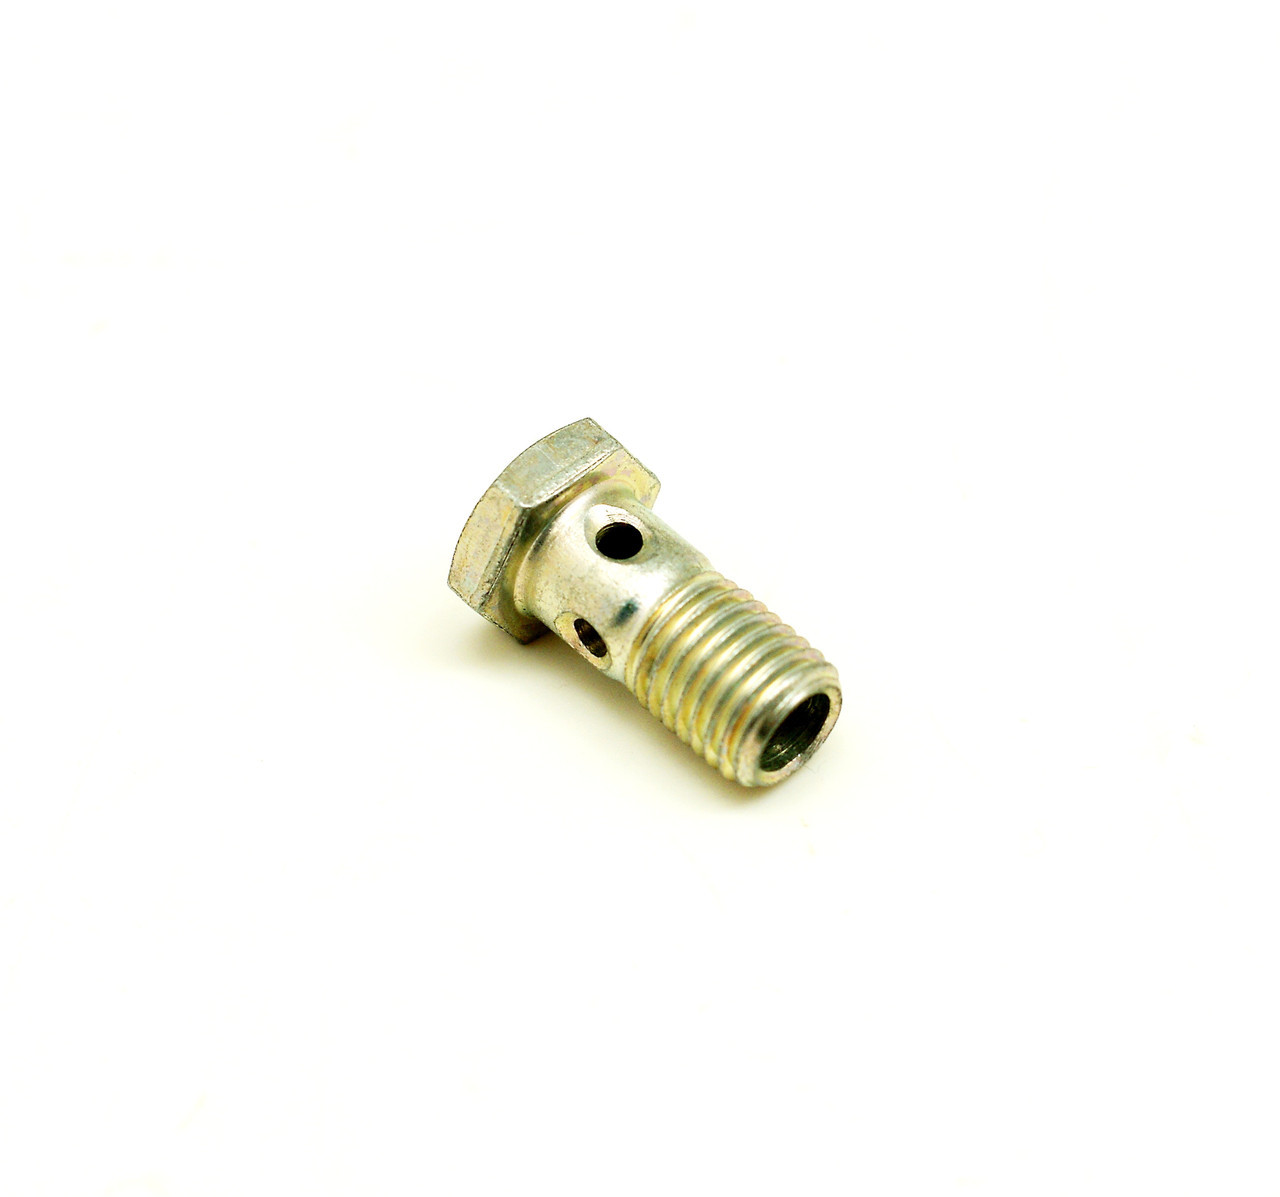 Болт-коннектор топливной трубки (M12 X 1.50 X 24.) Cummins 6C8.3  3911446